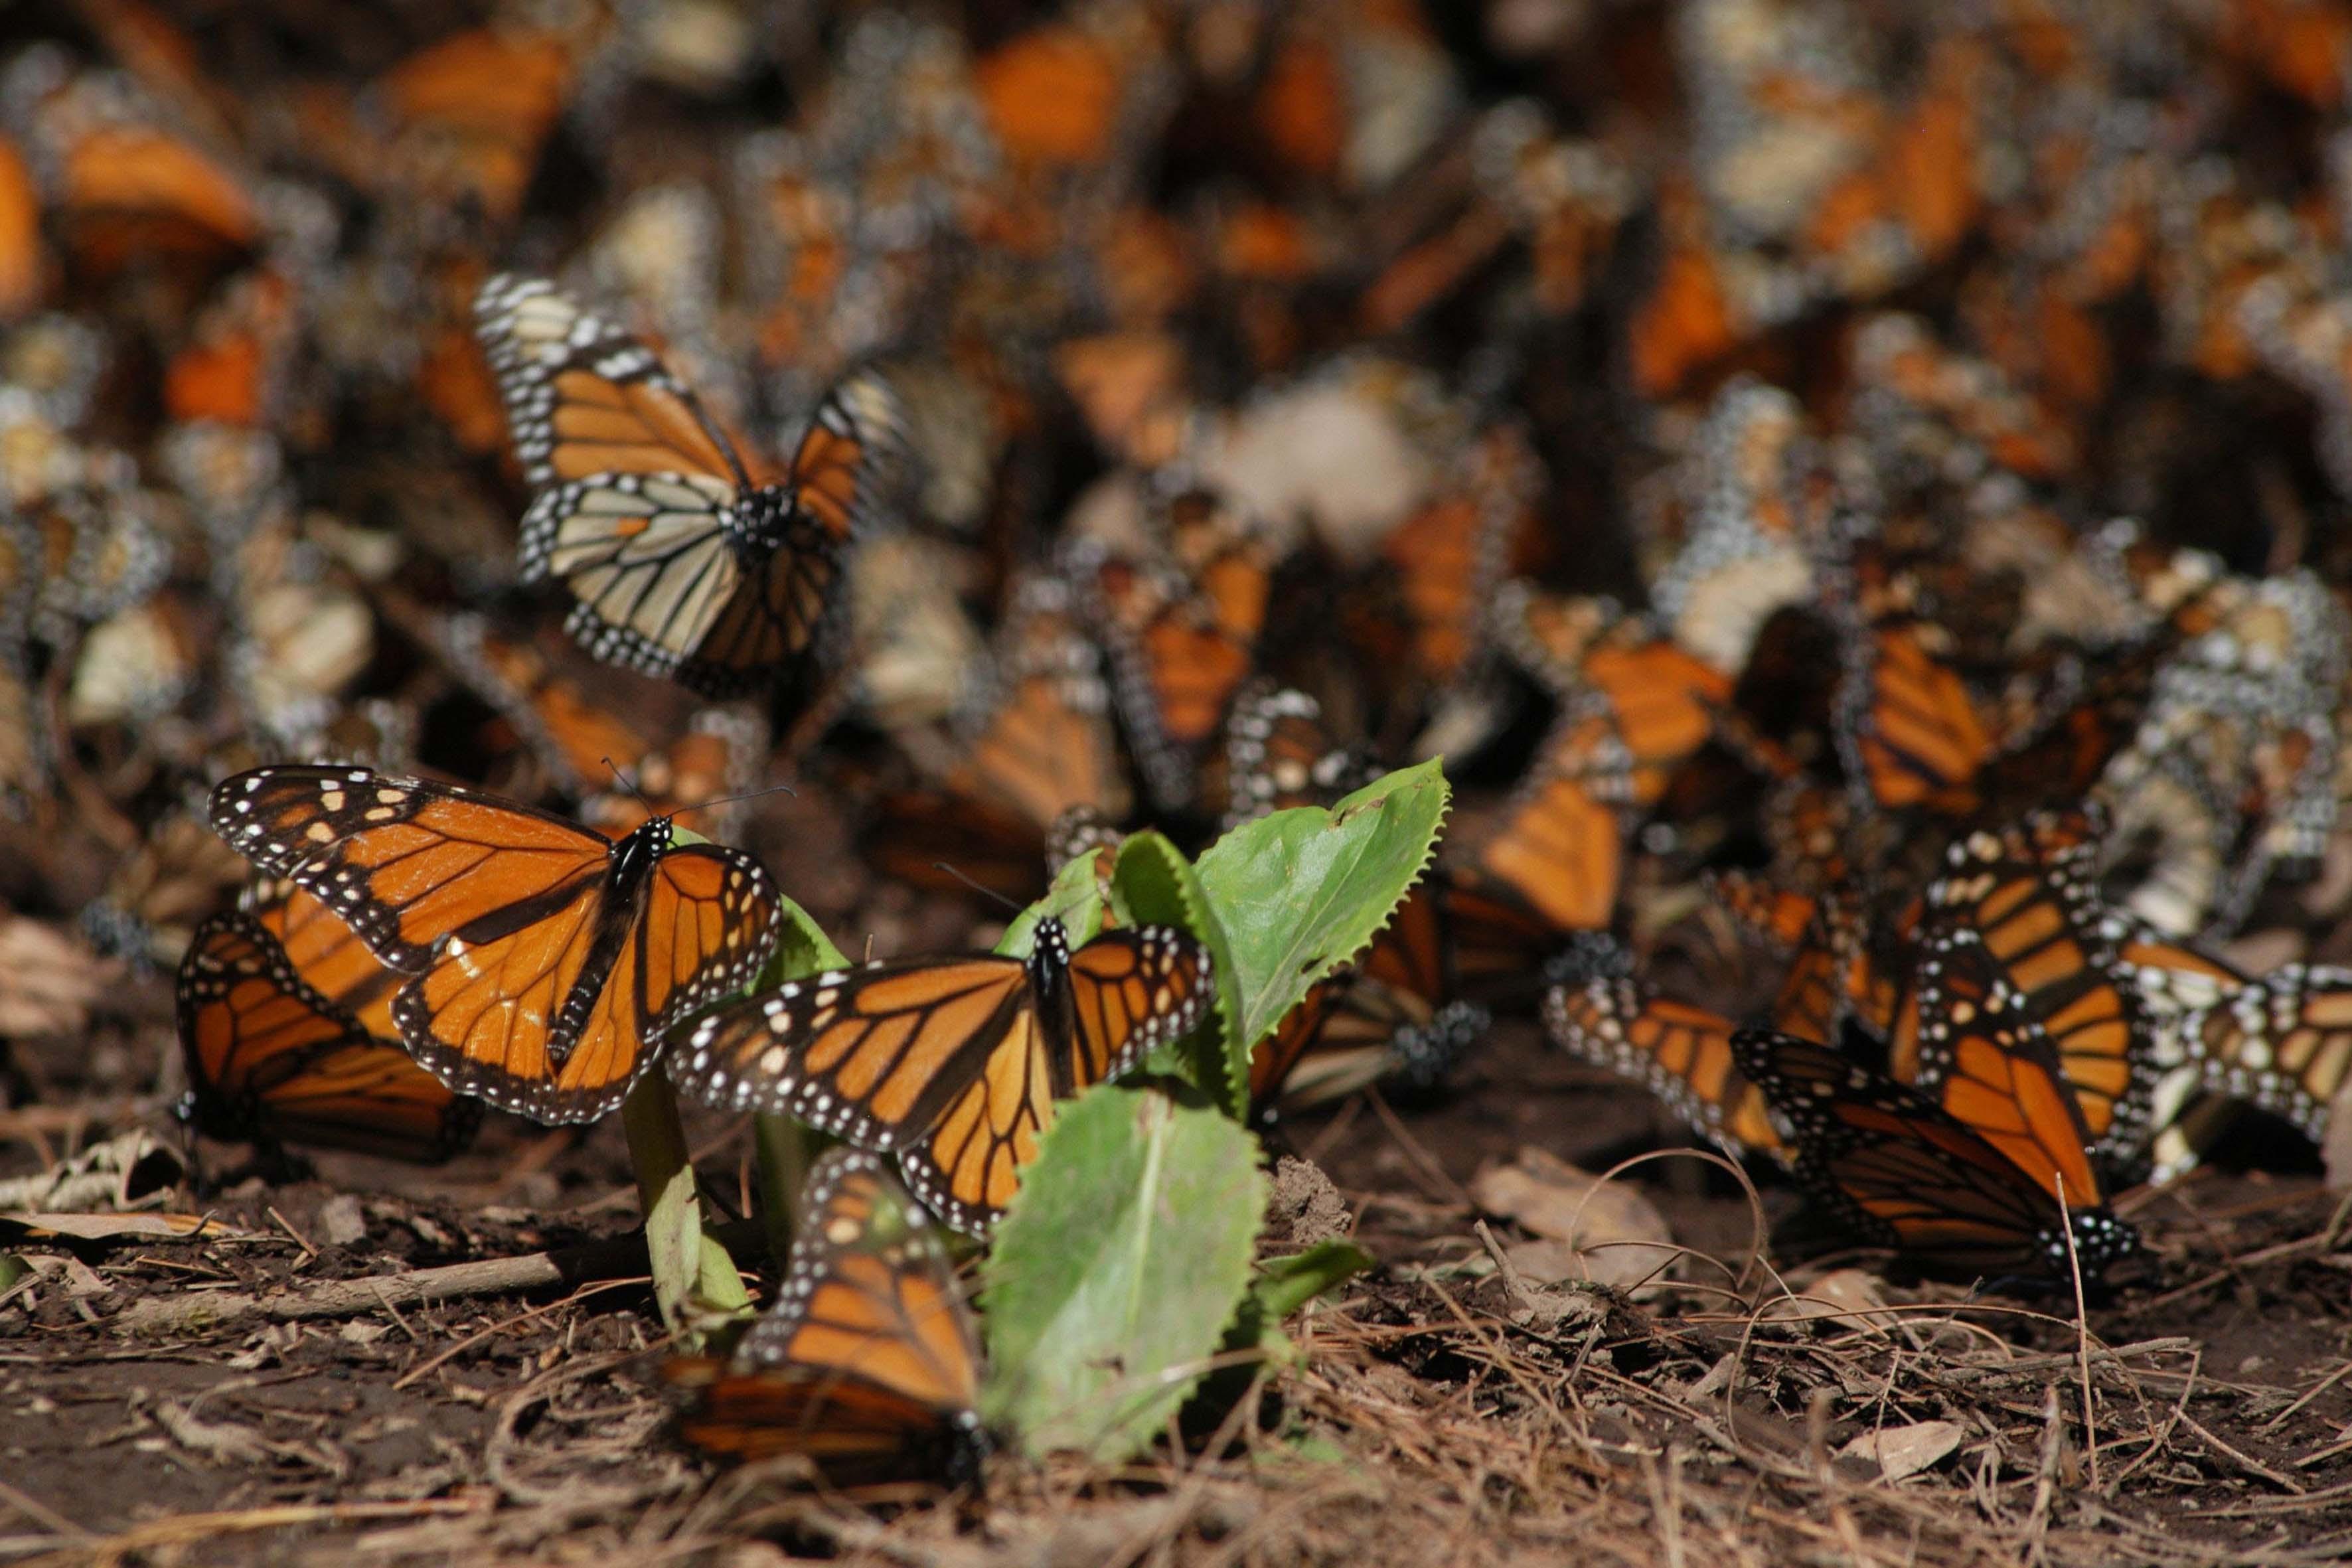 Detienen a siete personas por tala ilegal en Reserva de Mariposa Monarca